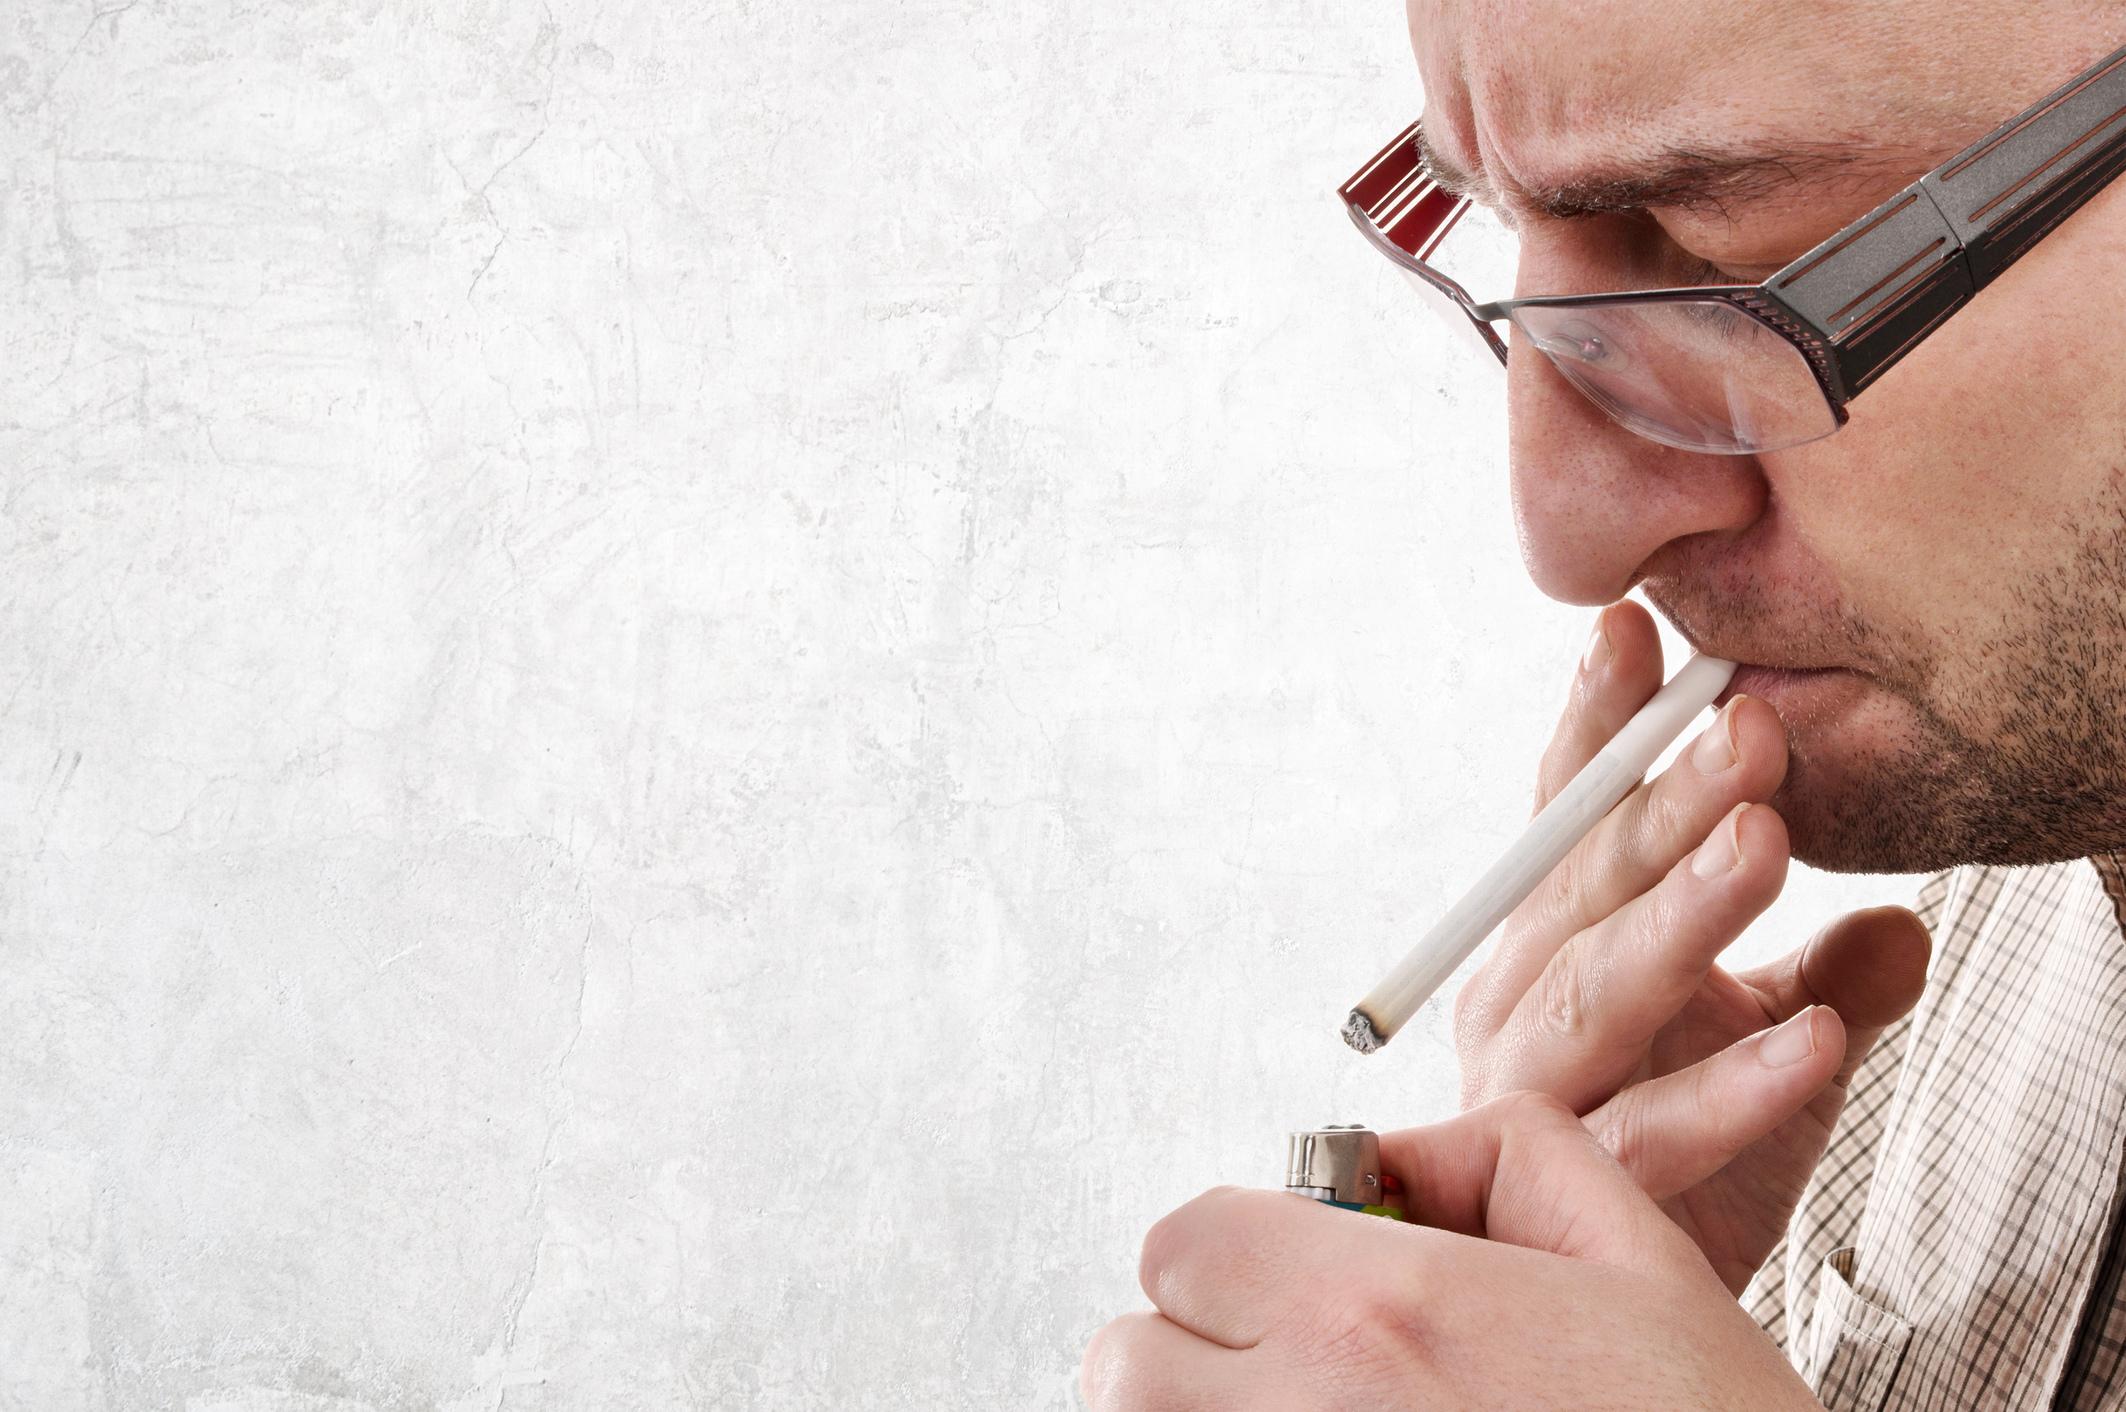 Ez a leggyakoribb tévhit a dohányzásról: végre bebizonyították, hogy hamis! - Terasz | Femina